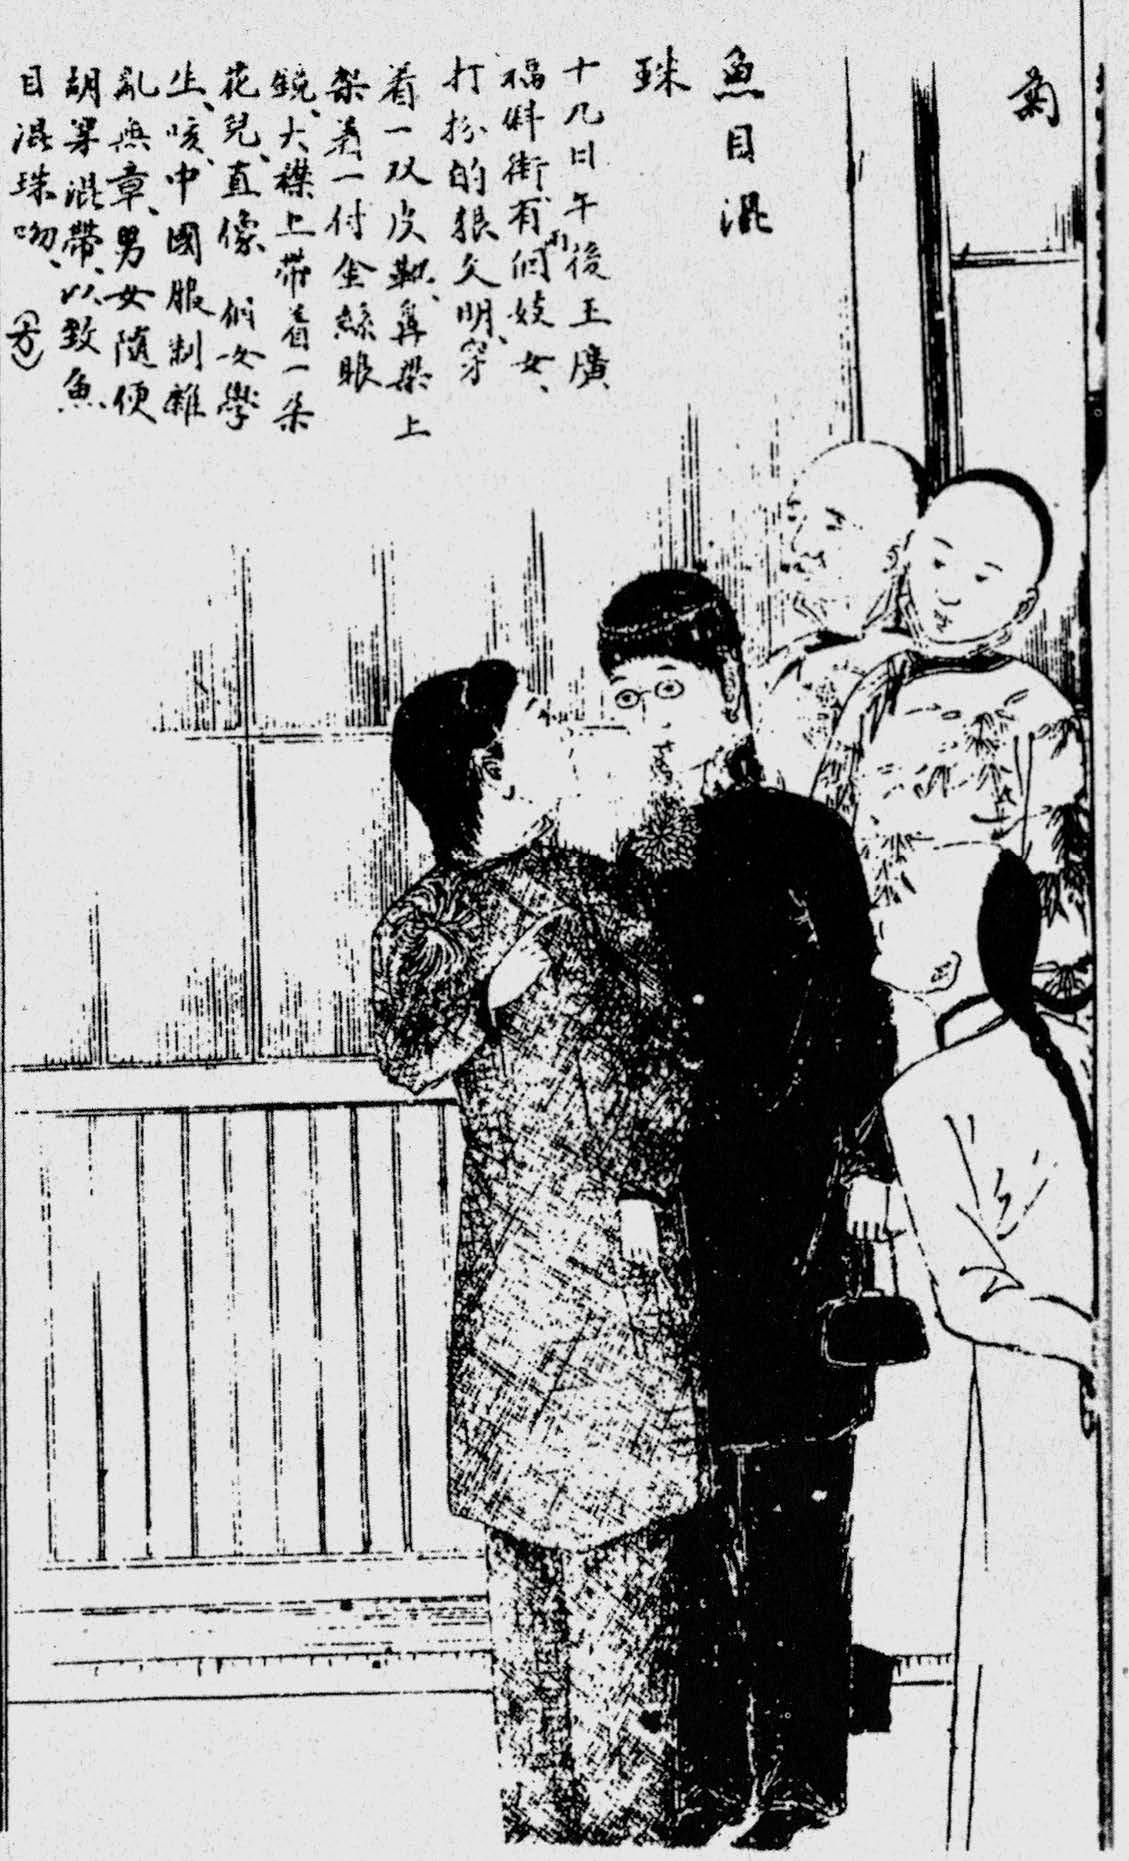 《鱼现在混珠》:那时的画报奚落妓女模仿弟子装扮。